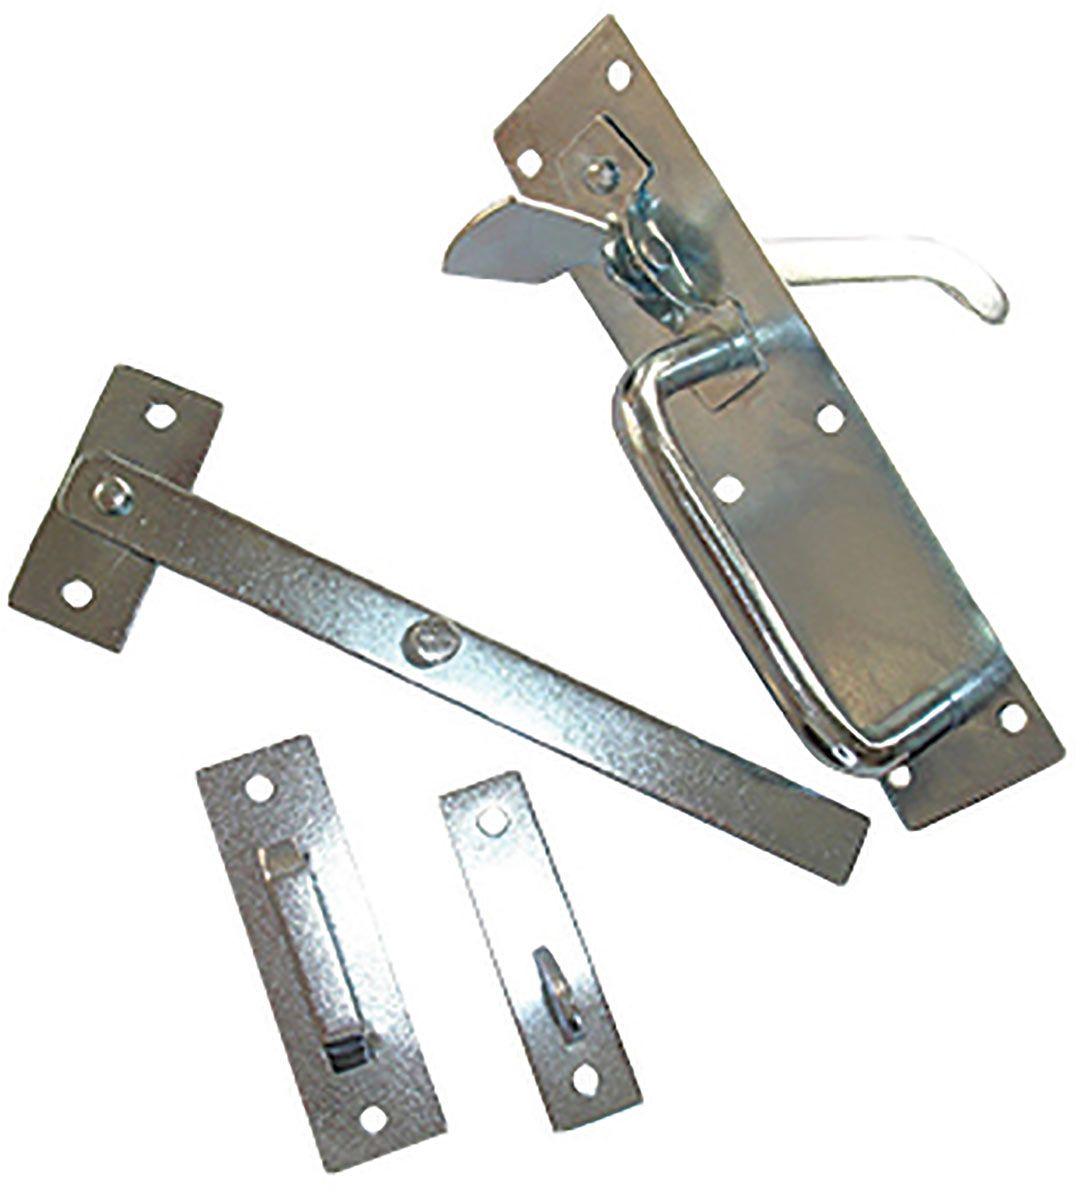 SUFFOLK LATCH GARDEN GATE DOOR THUMB LOCK ZINK WITH FIXINGS